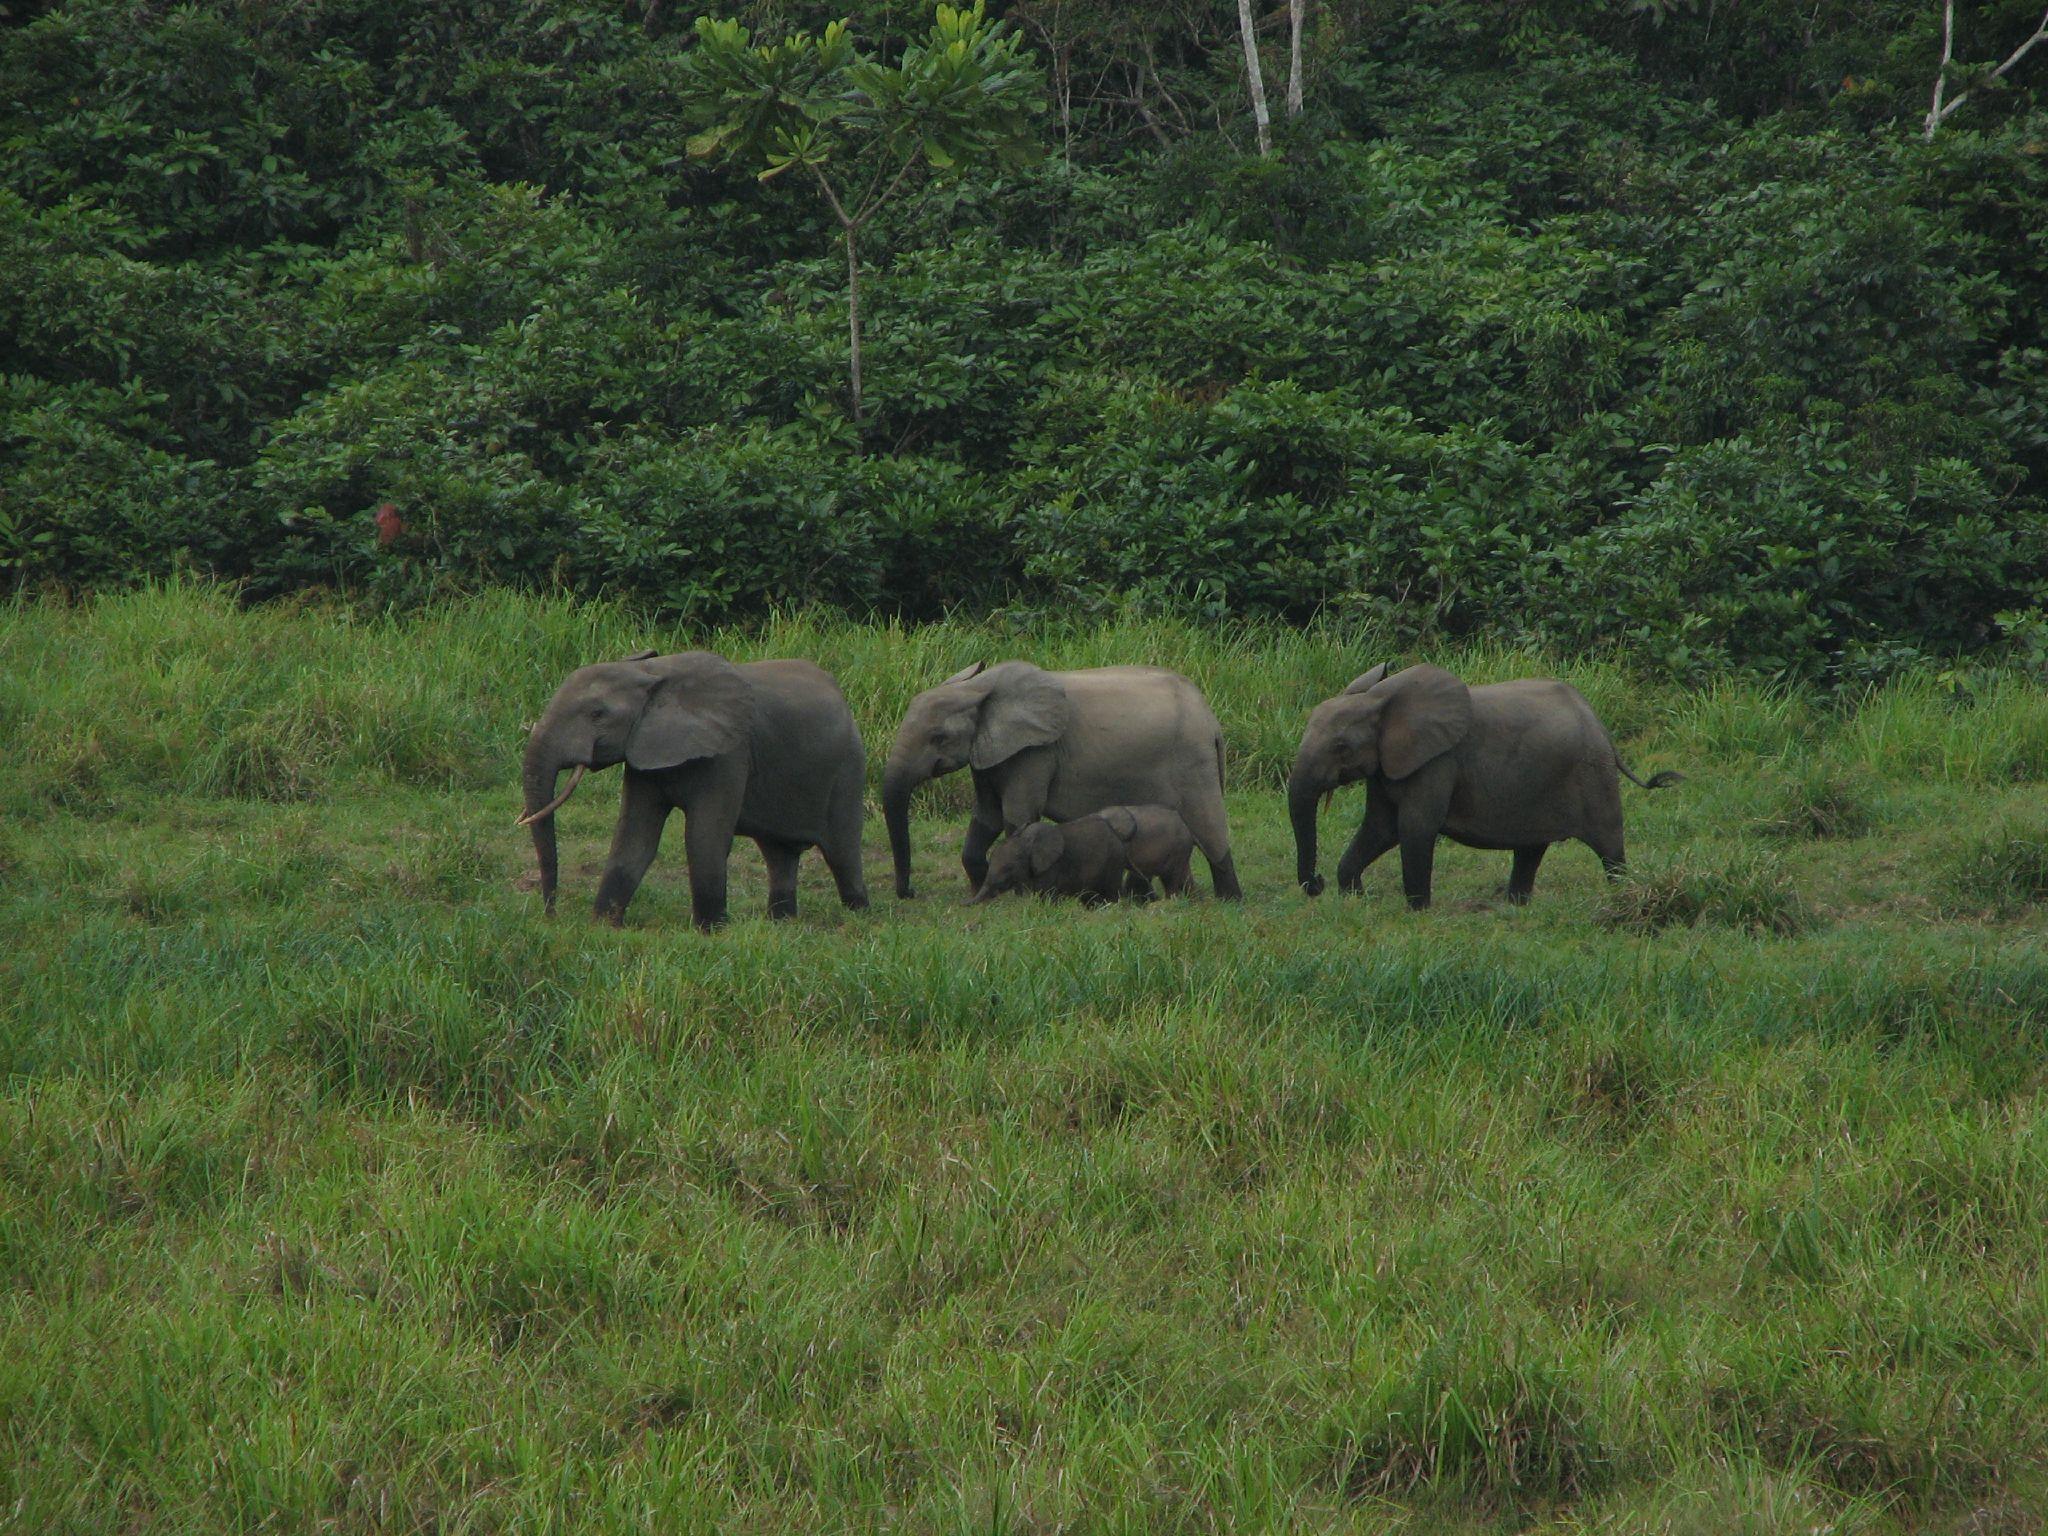 Elephants in Gabon